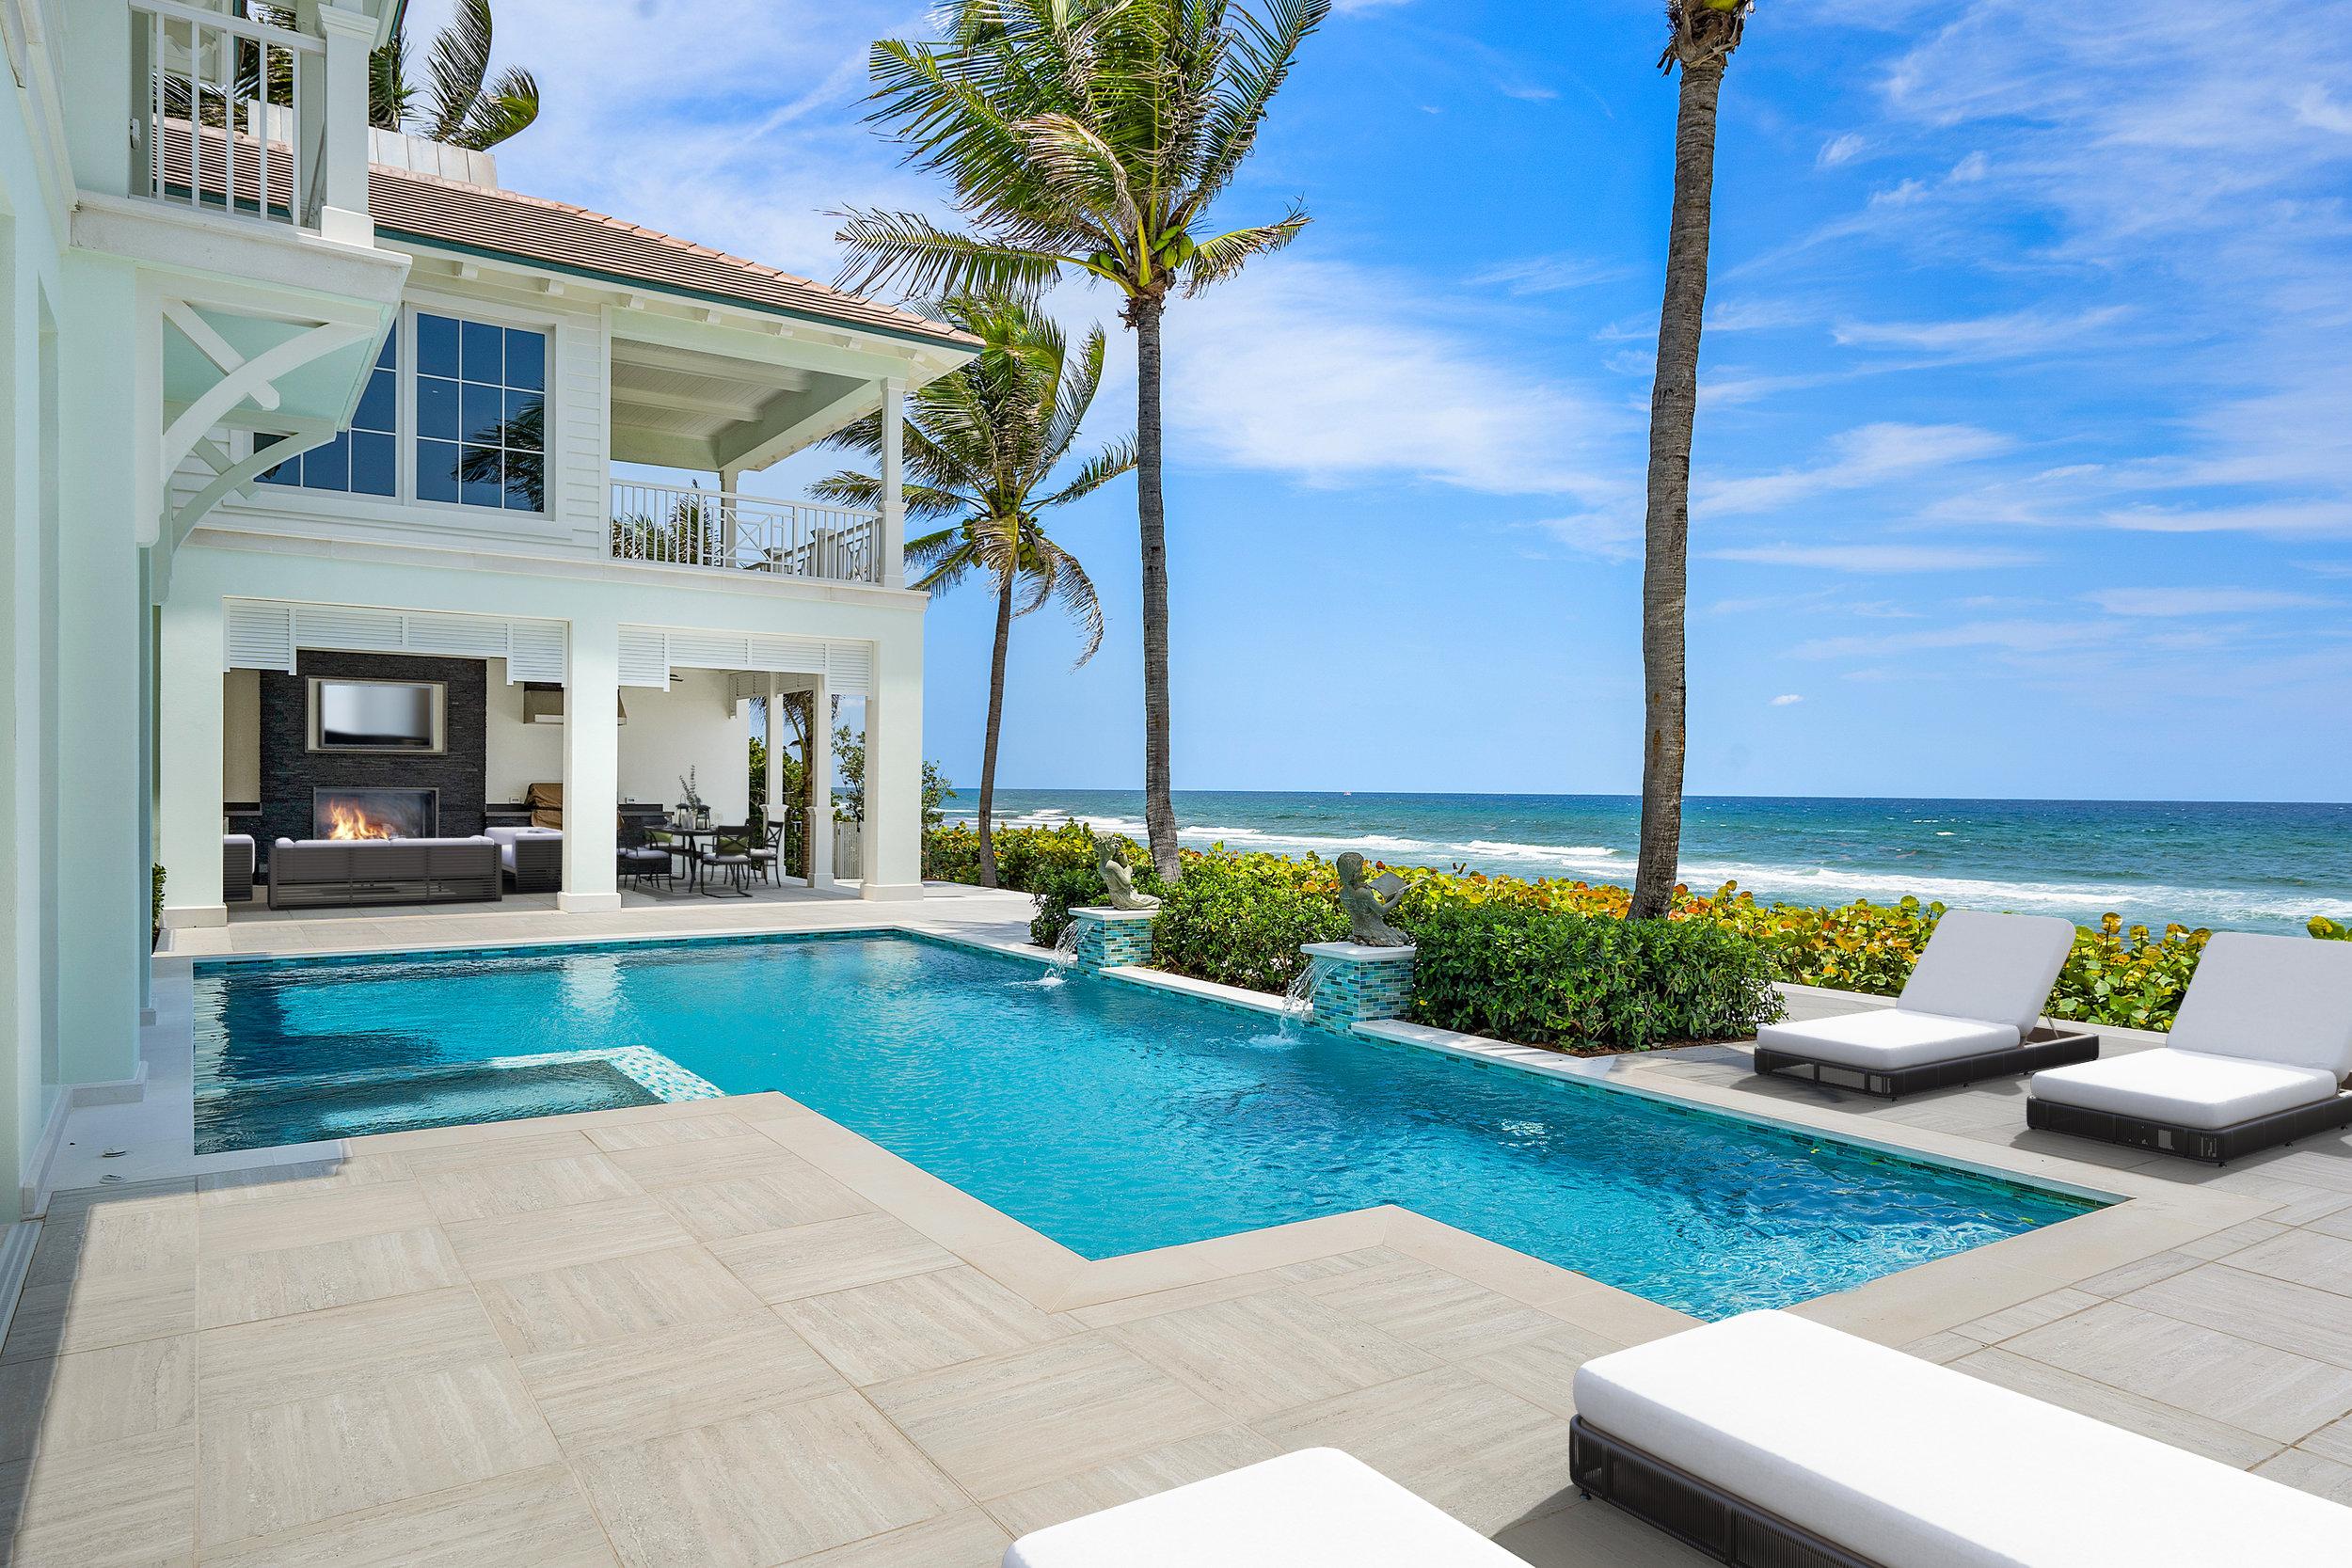 3777 N Ocean Boulevard Gulf Stream, FLORIDA - $24,900,000